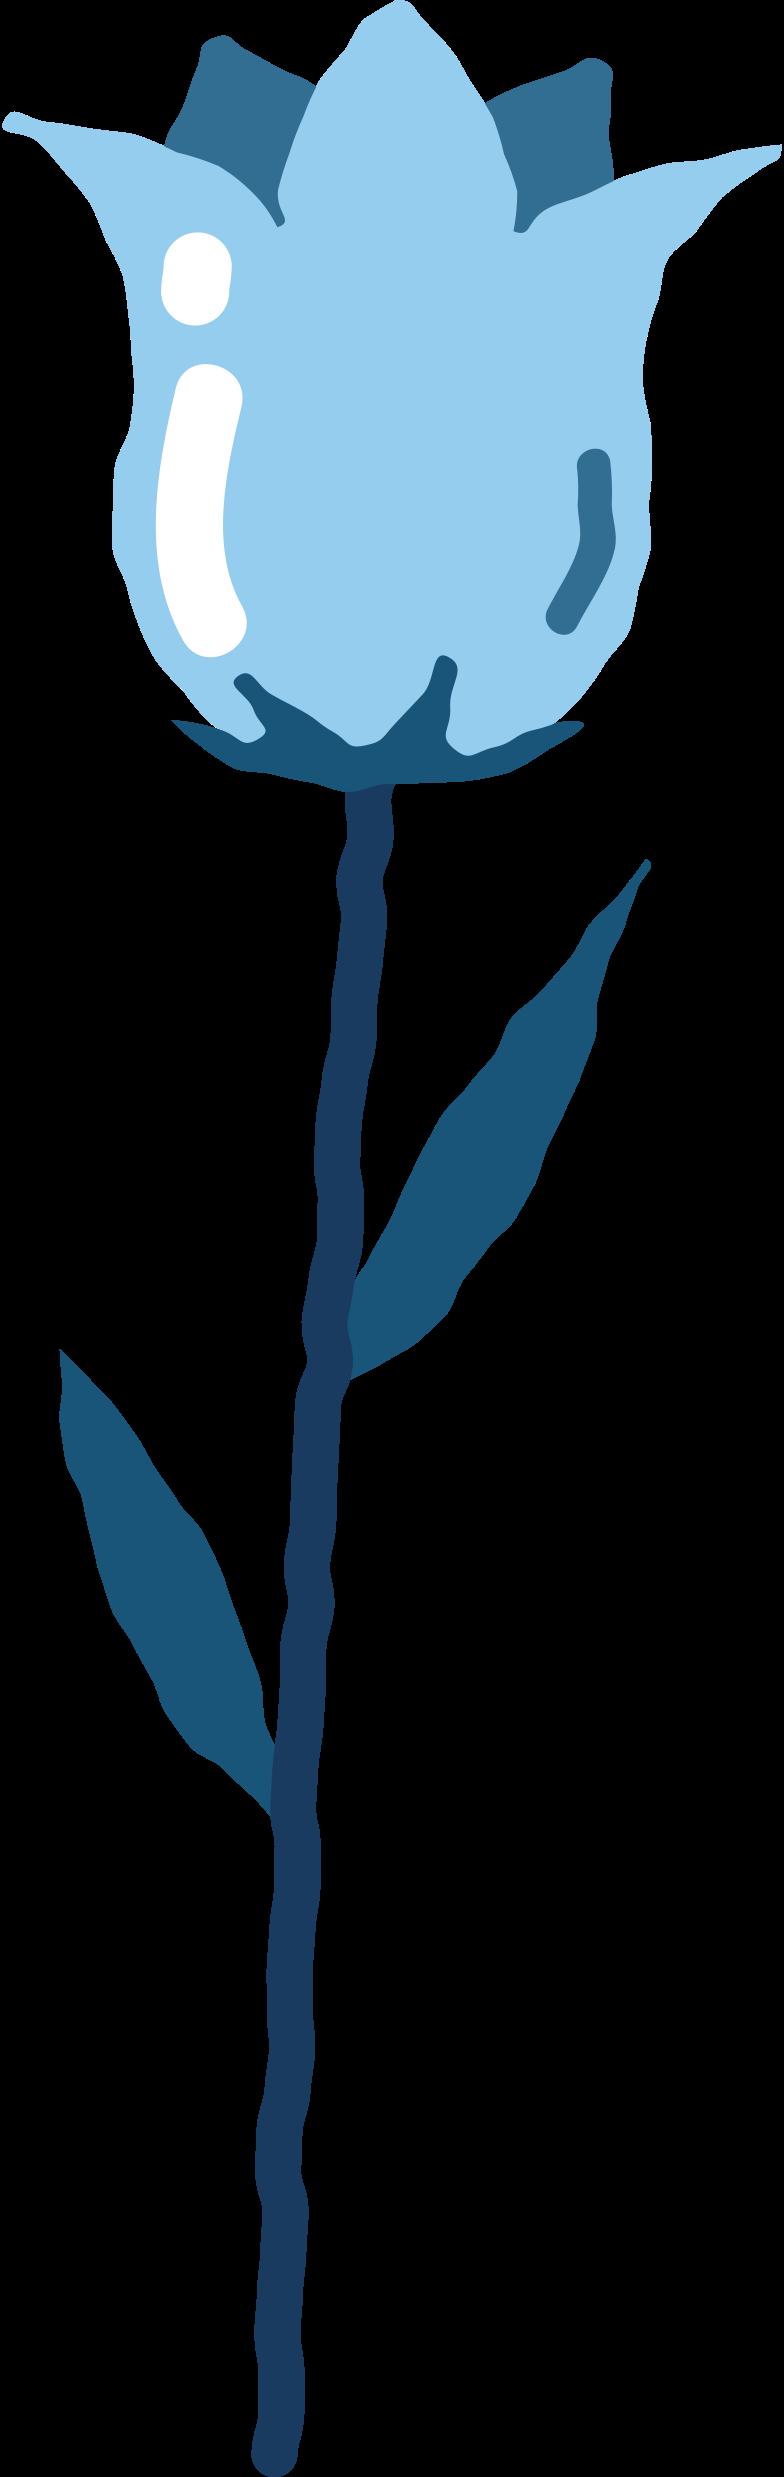 bellflower Clipart illustration in PNG, SVG